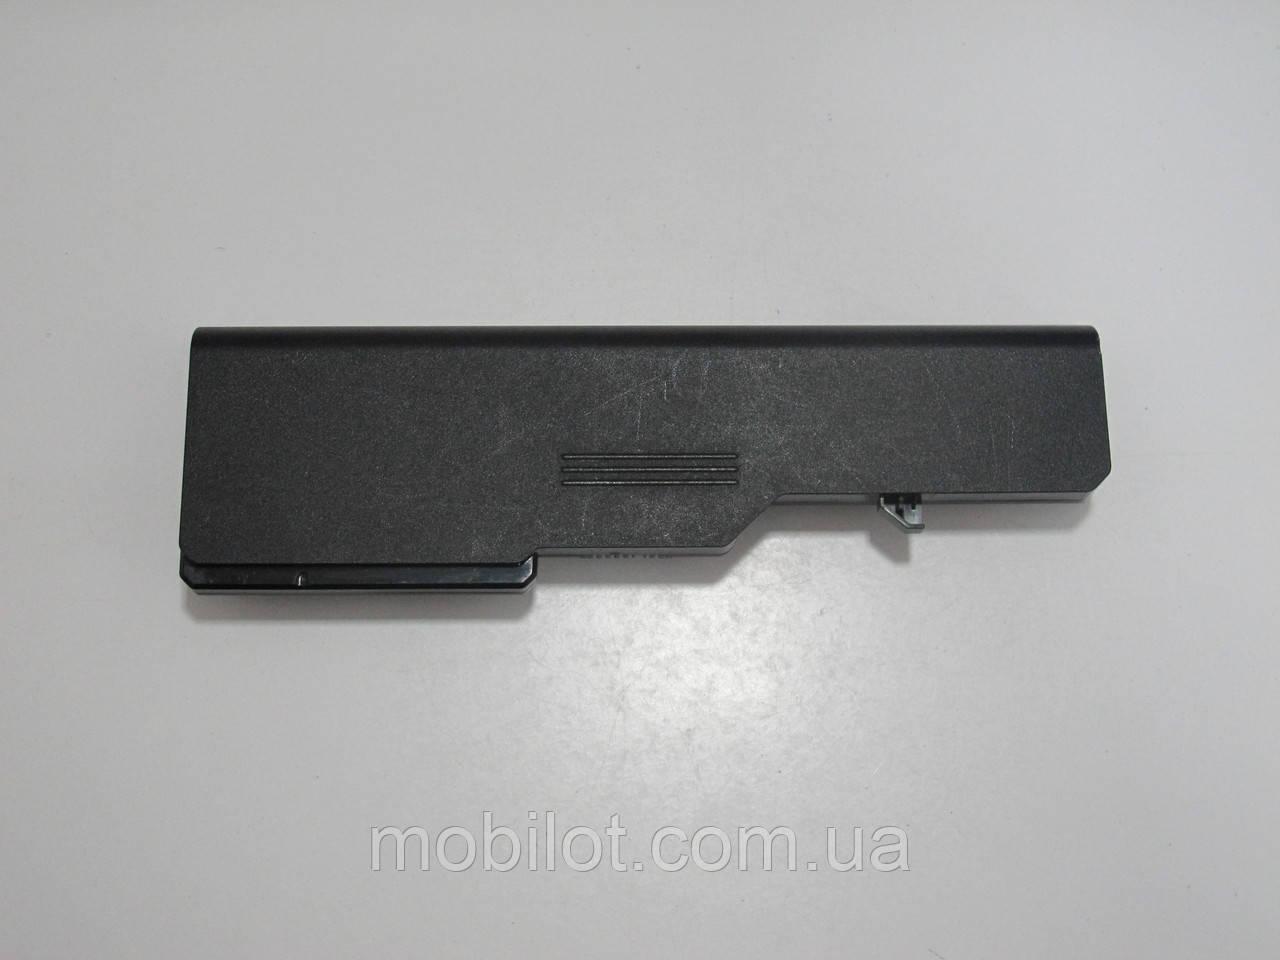 Аккумуляторная батарея Lenovo G570 (NZ-5385)